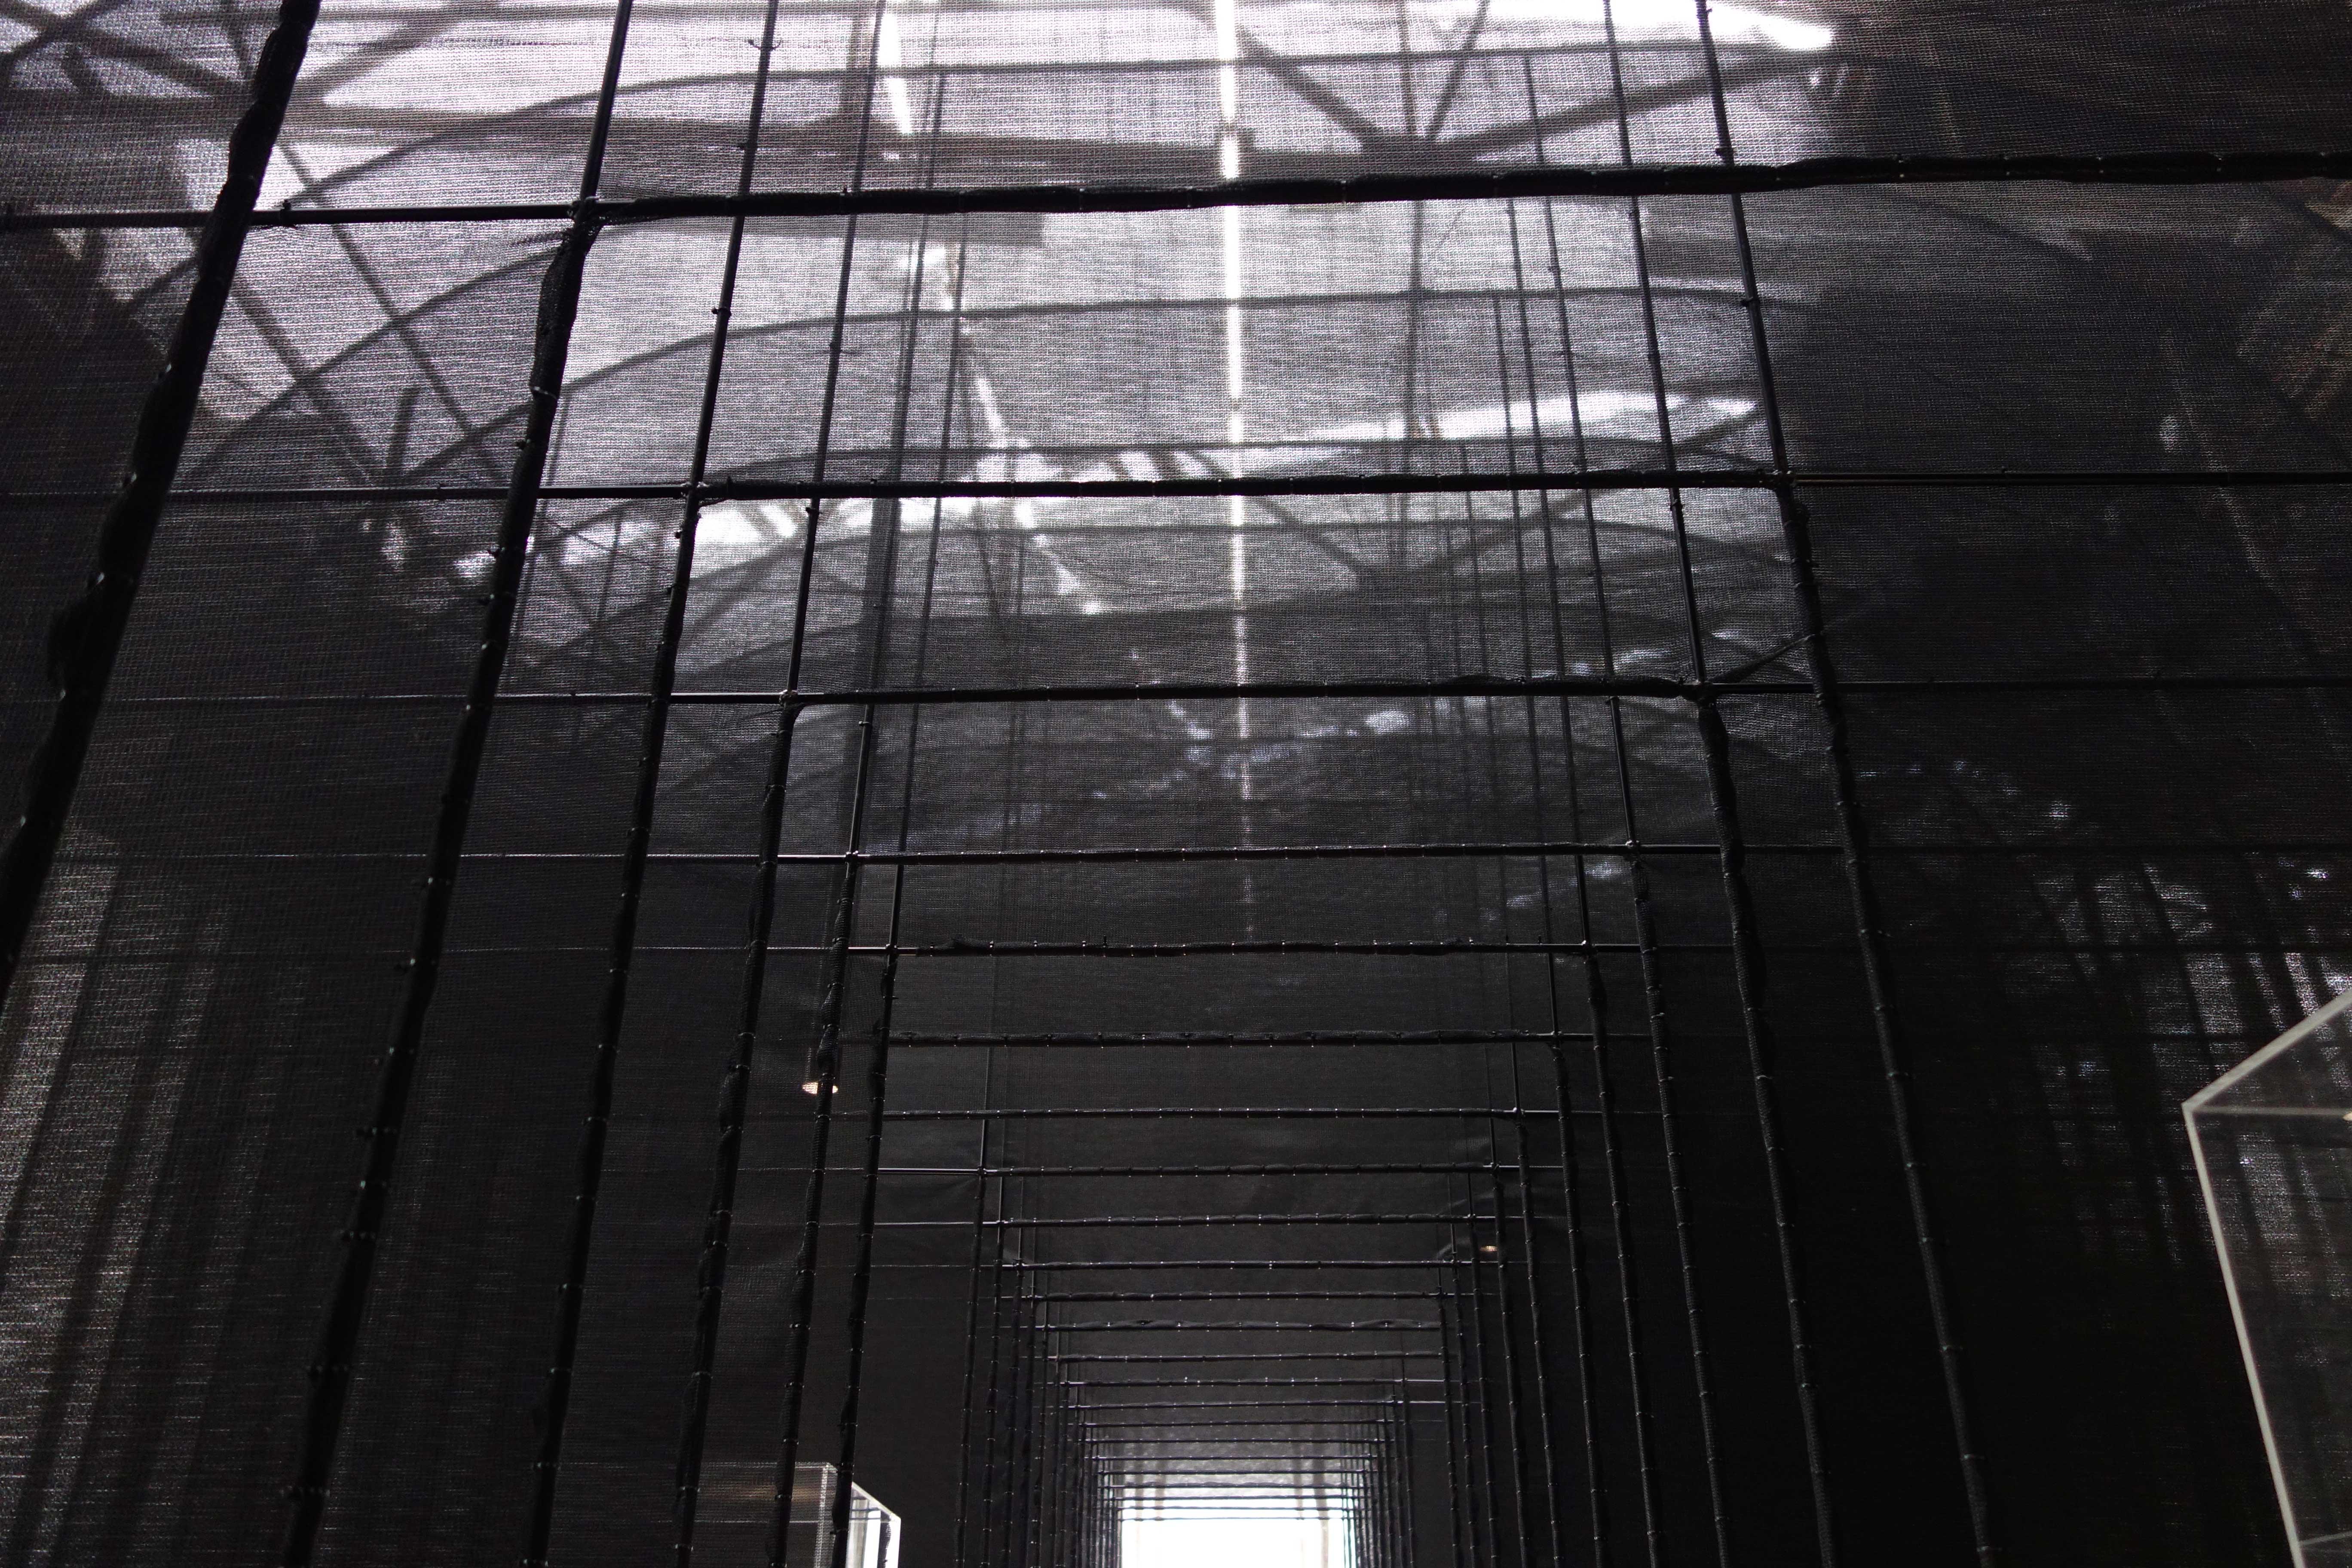 NOUVELLE VAGUES, Palais de Tokyo